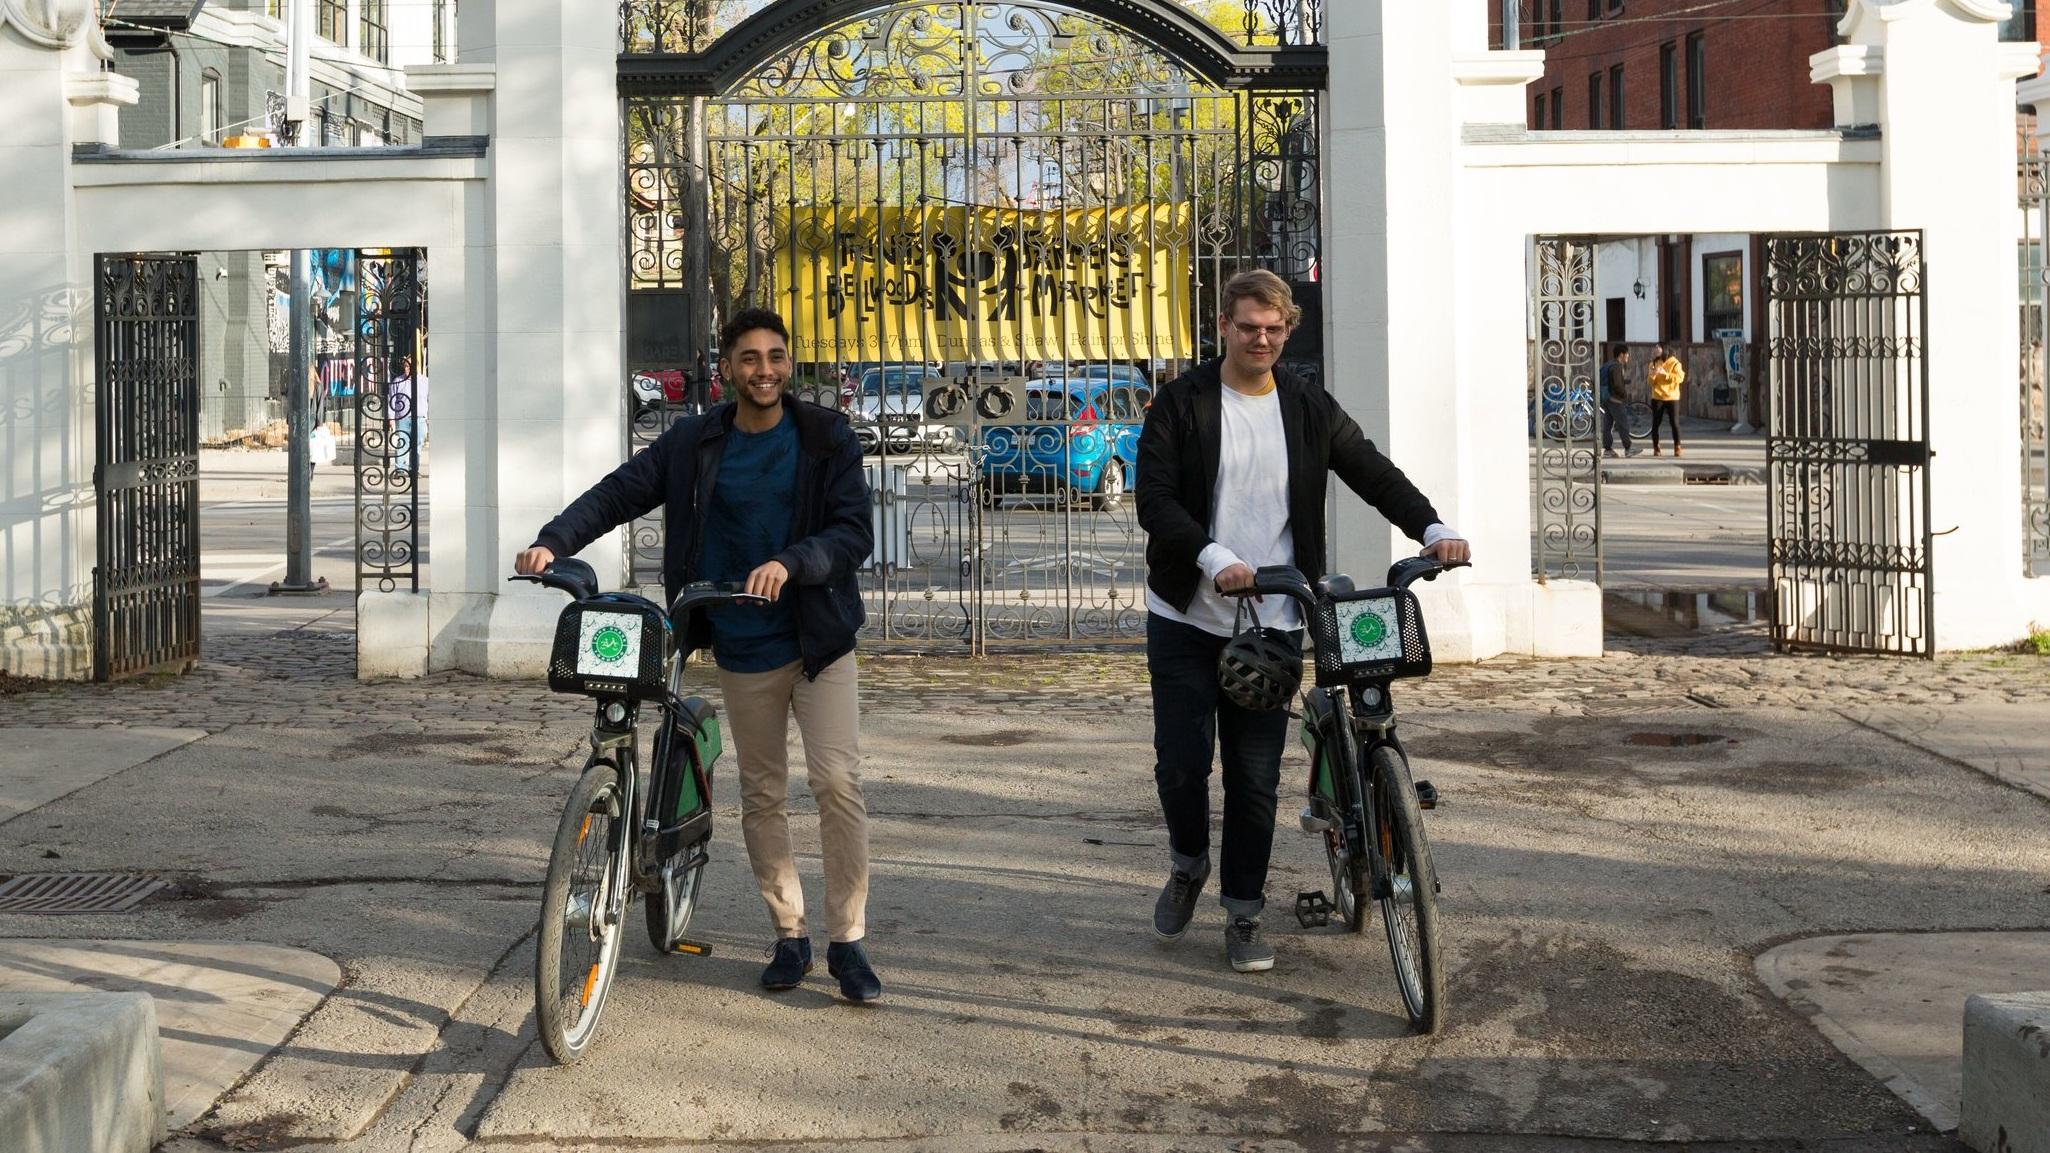 bikeshare 21.jpeg